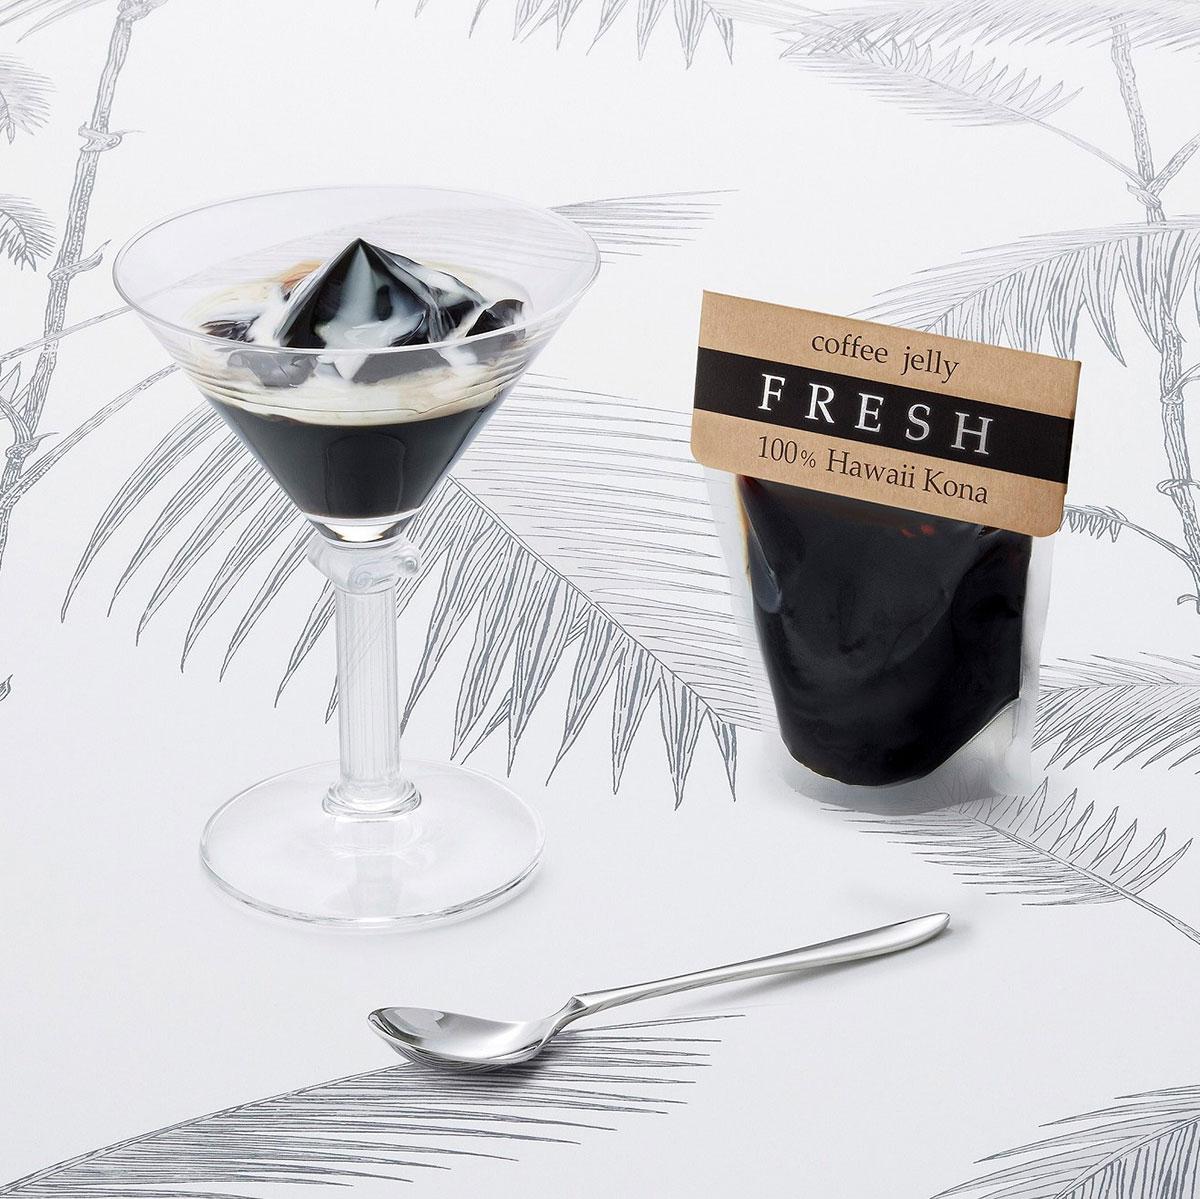 コーヒーゼリー フレッシュ 100%ハワイコナ ( 3 枚入)